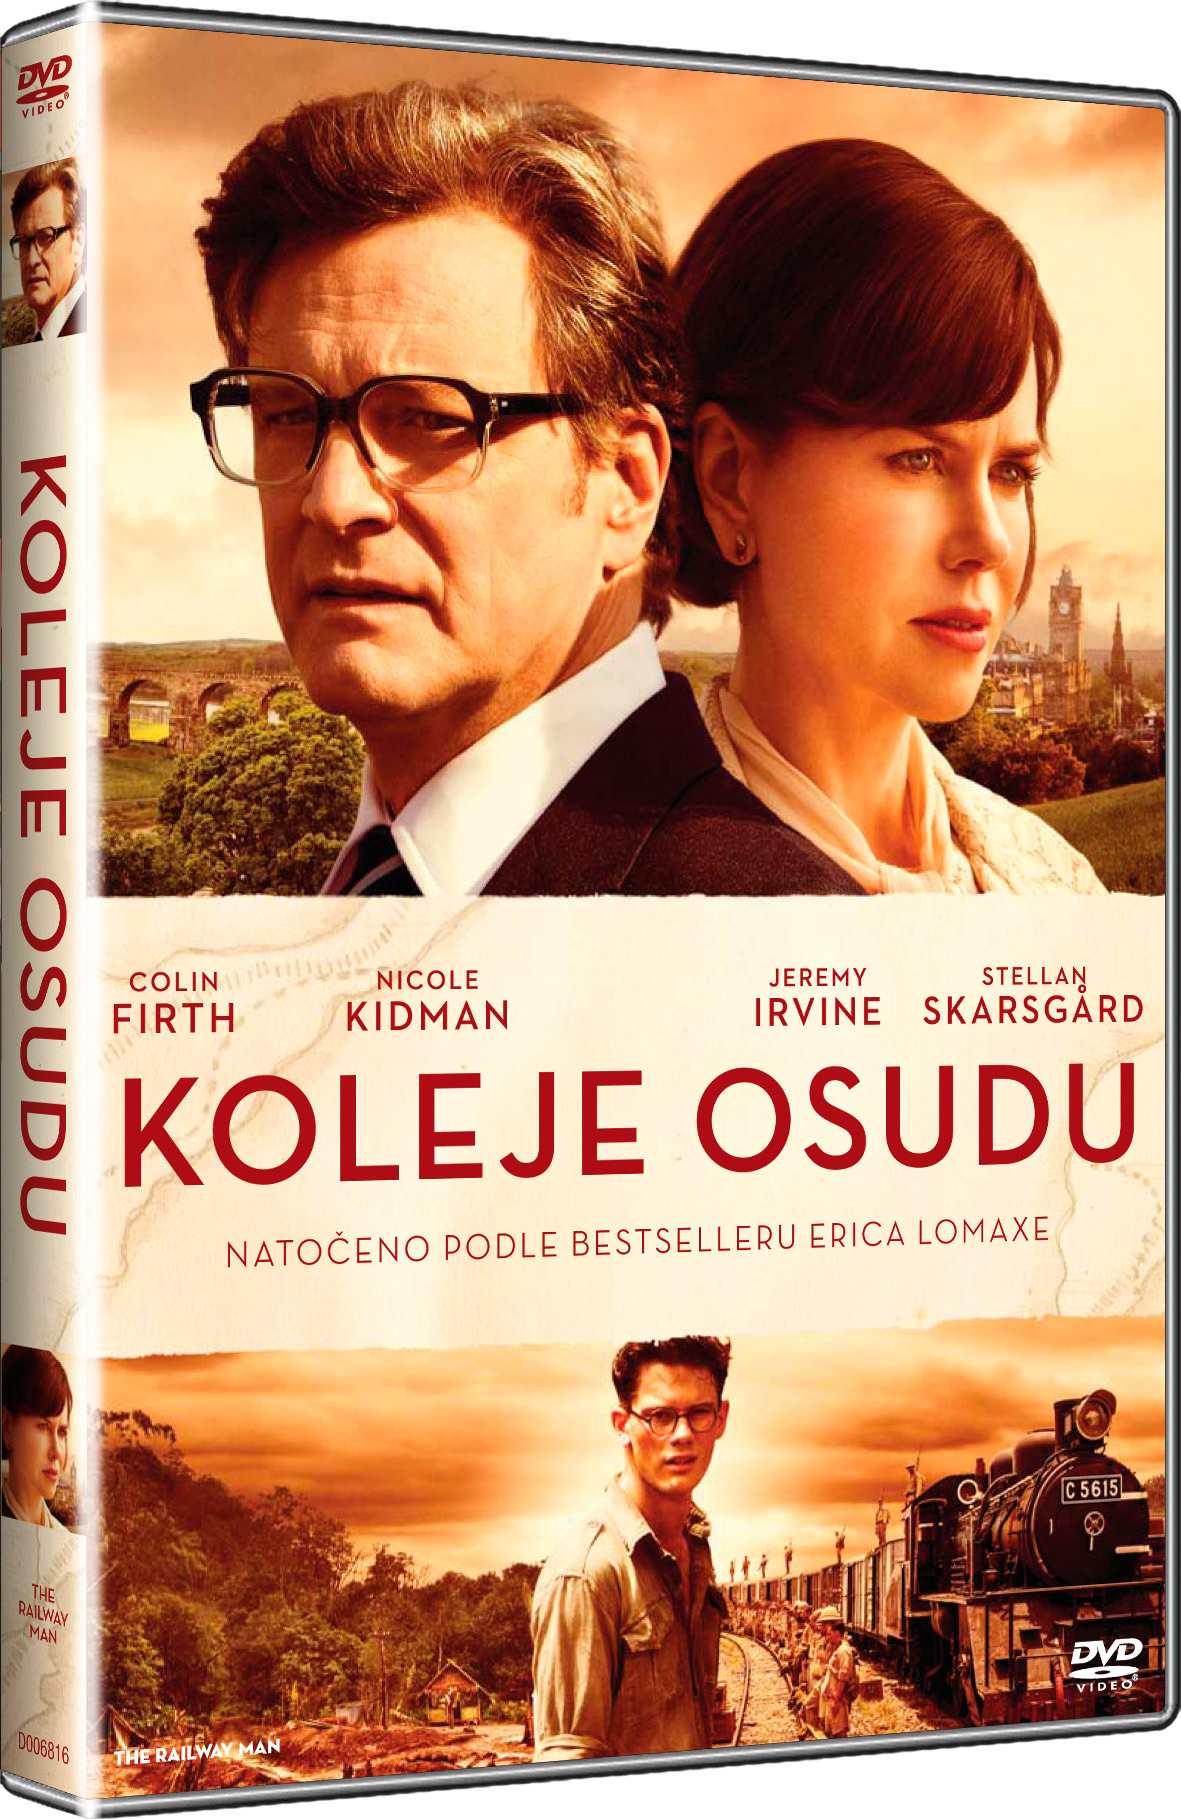 KOLEJE OSUDU - DVD